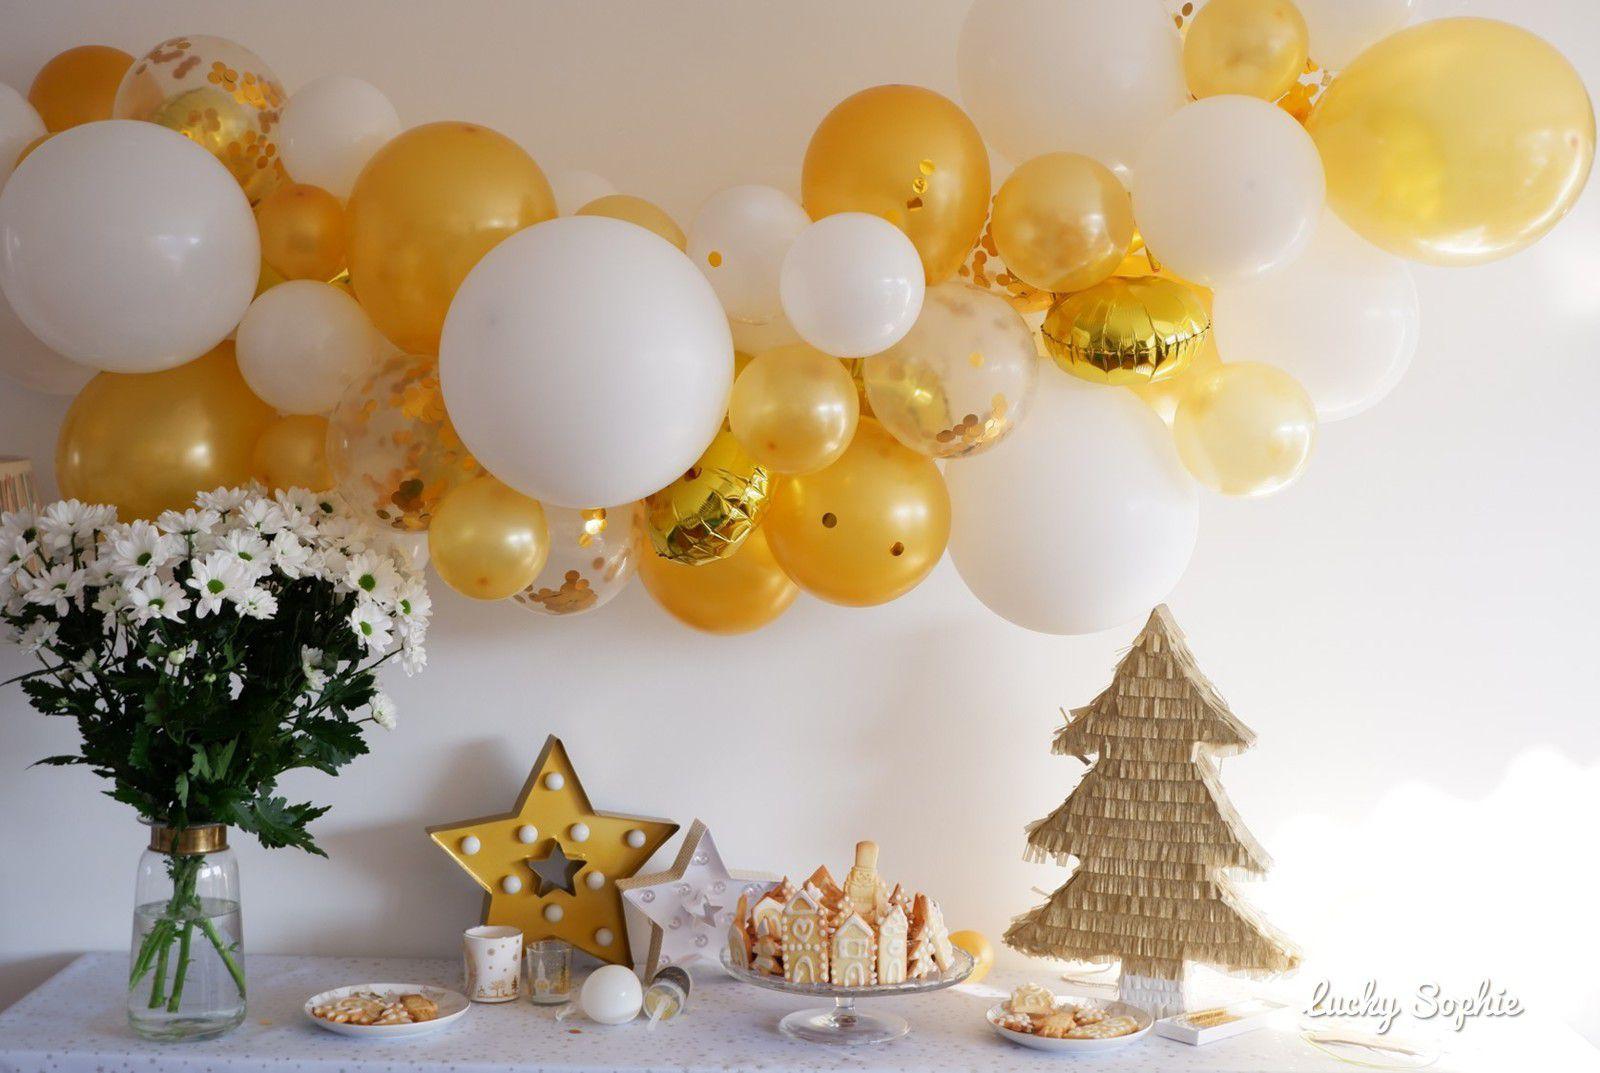 Un goûter de fêtes avec une décoration en or et blanc